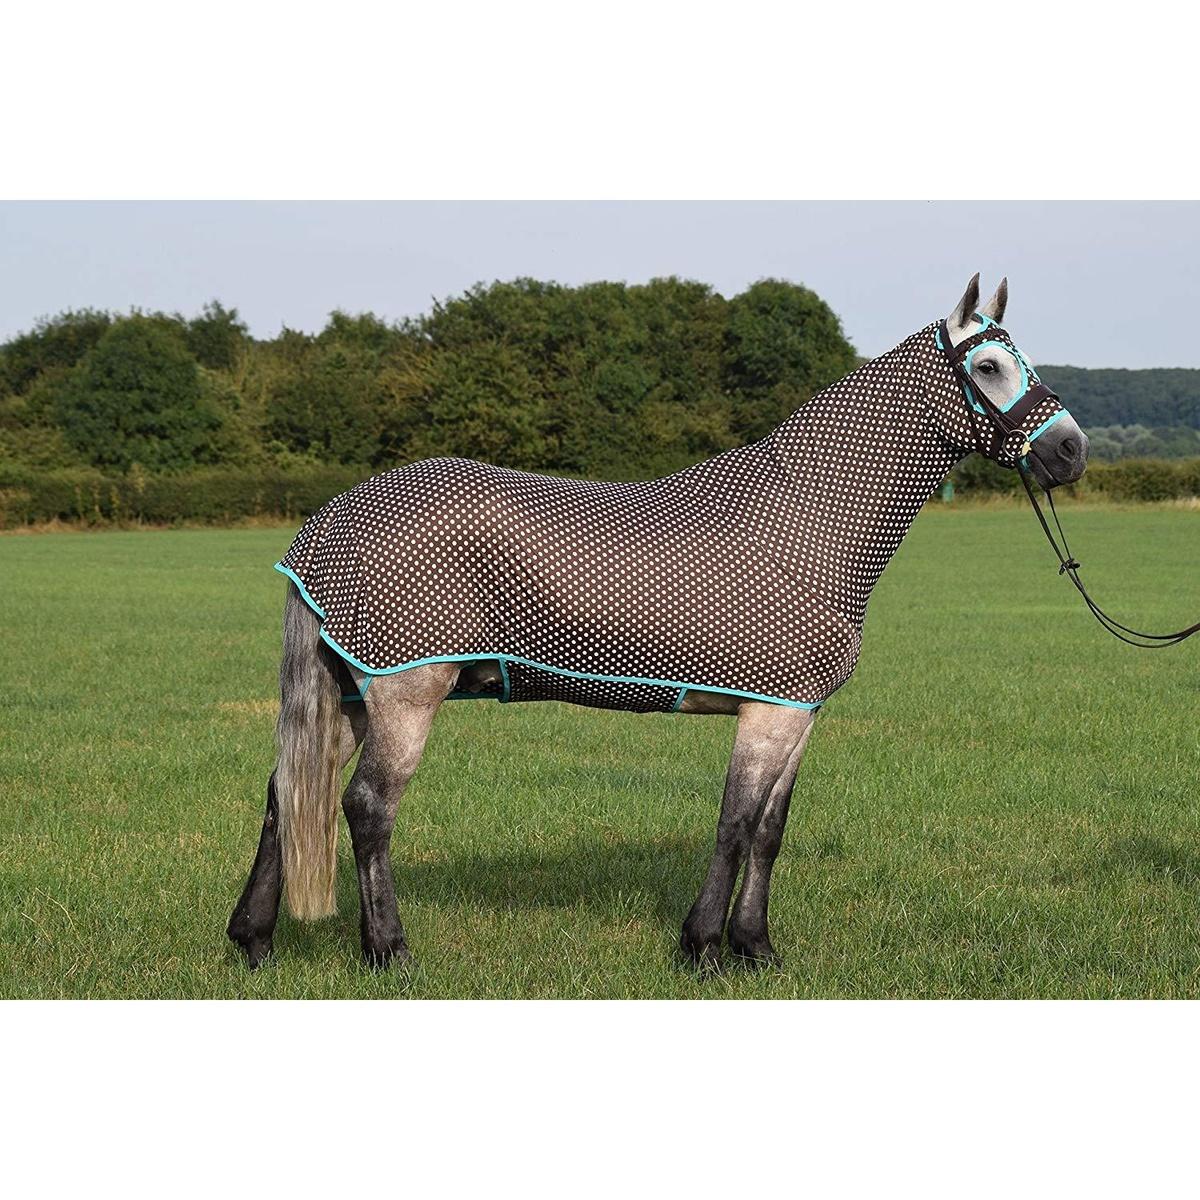 (ビーバー・ラグ・カンパニー) Belvoir Rug Company 馬用 Honsie Original ラグ 馬着 乗馬 ホースライディング 【海外直送】